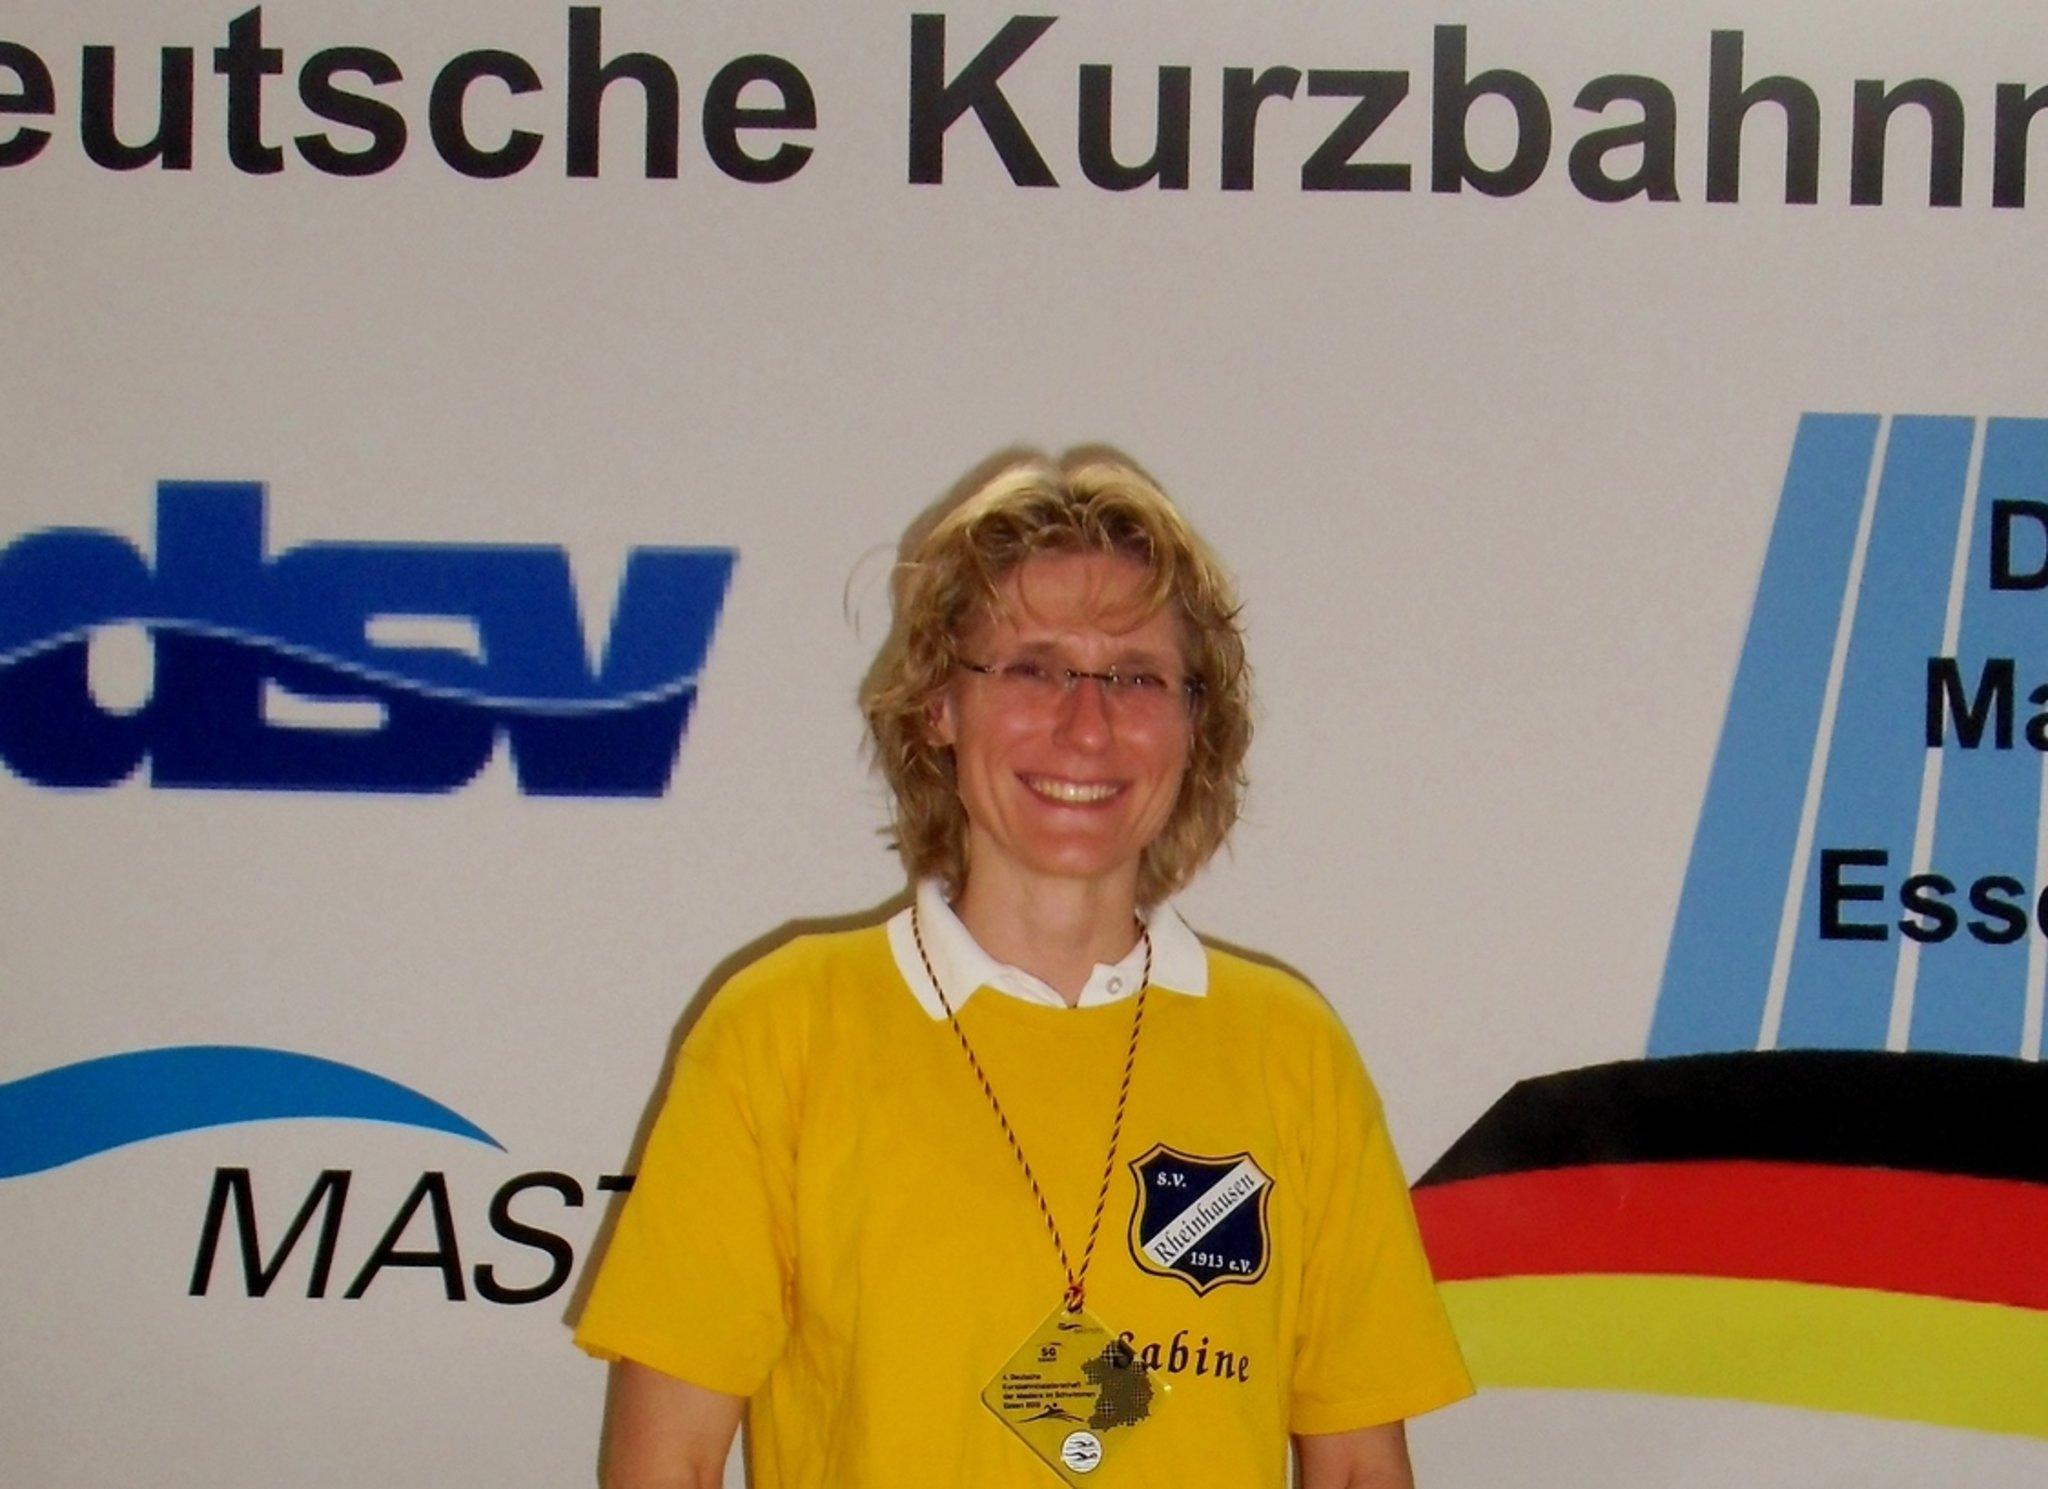 SV Rheinhausen - Sabine Leiding wird zweimal Vizemeisterin ...